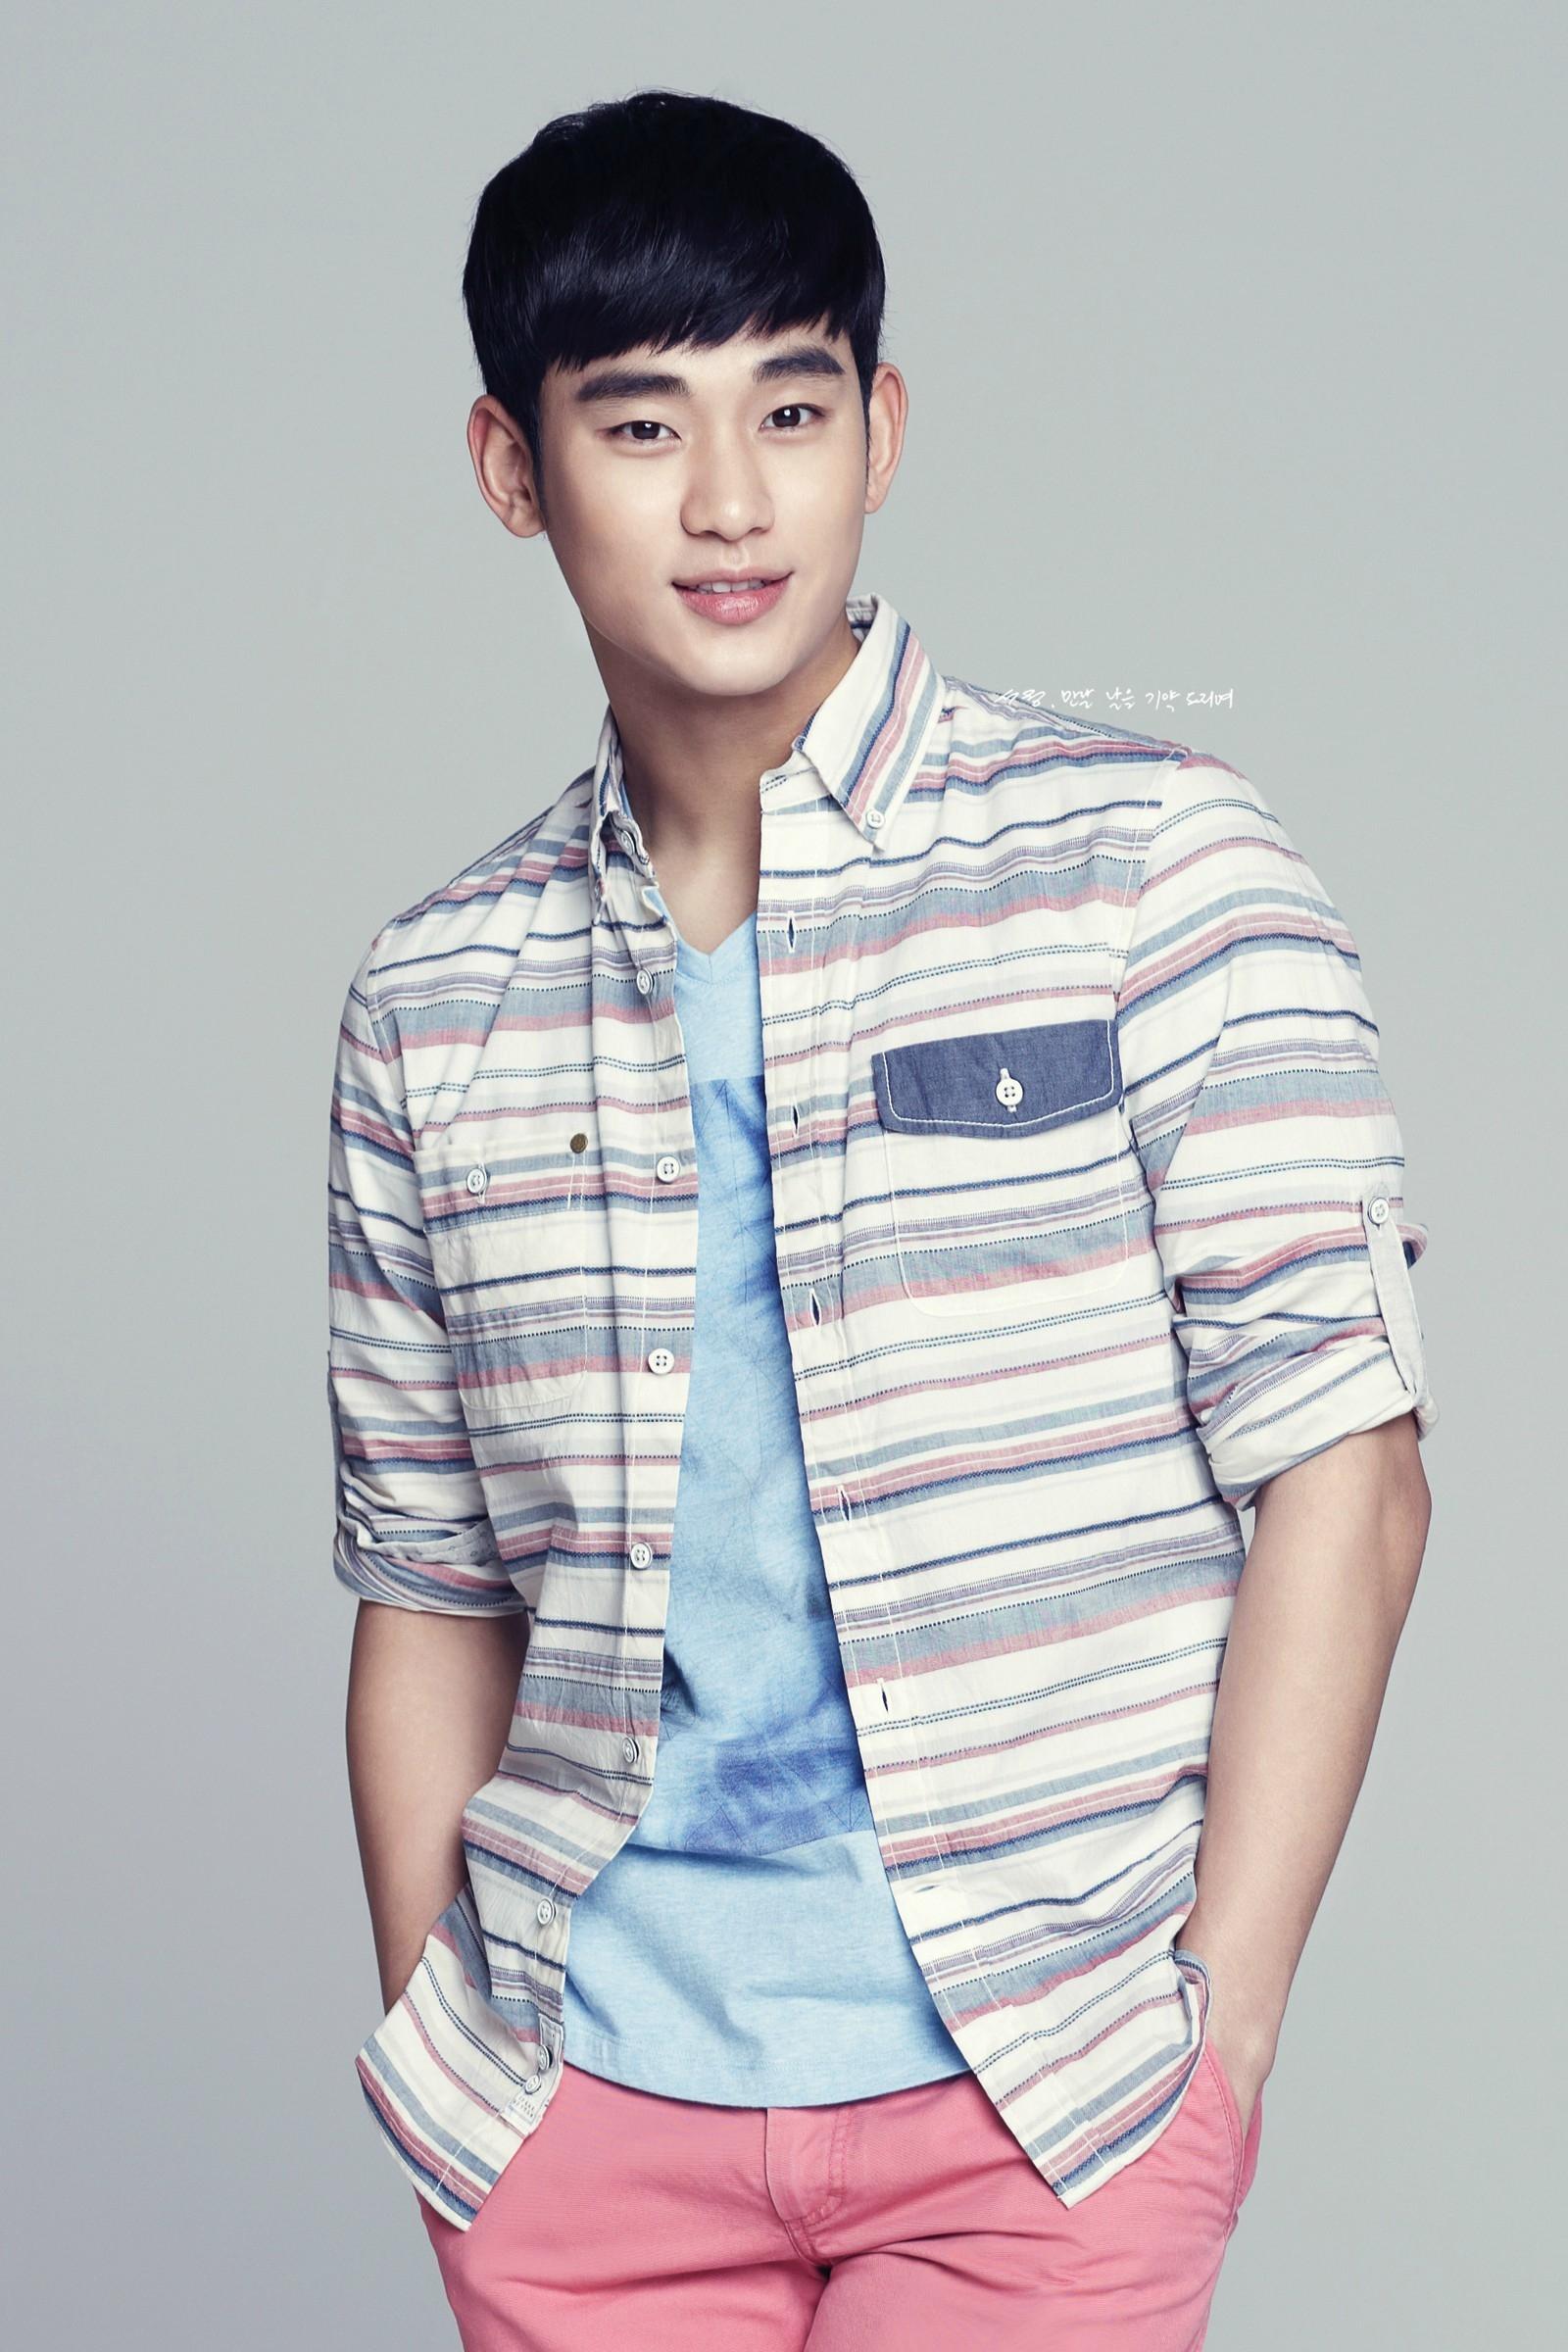 Choáng ngợp với sự thành công ngoài mong đợi của Kim Soo Hyun